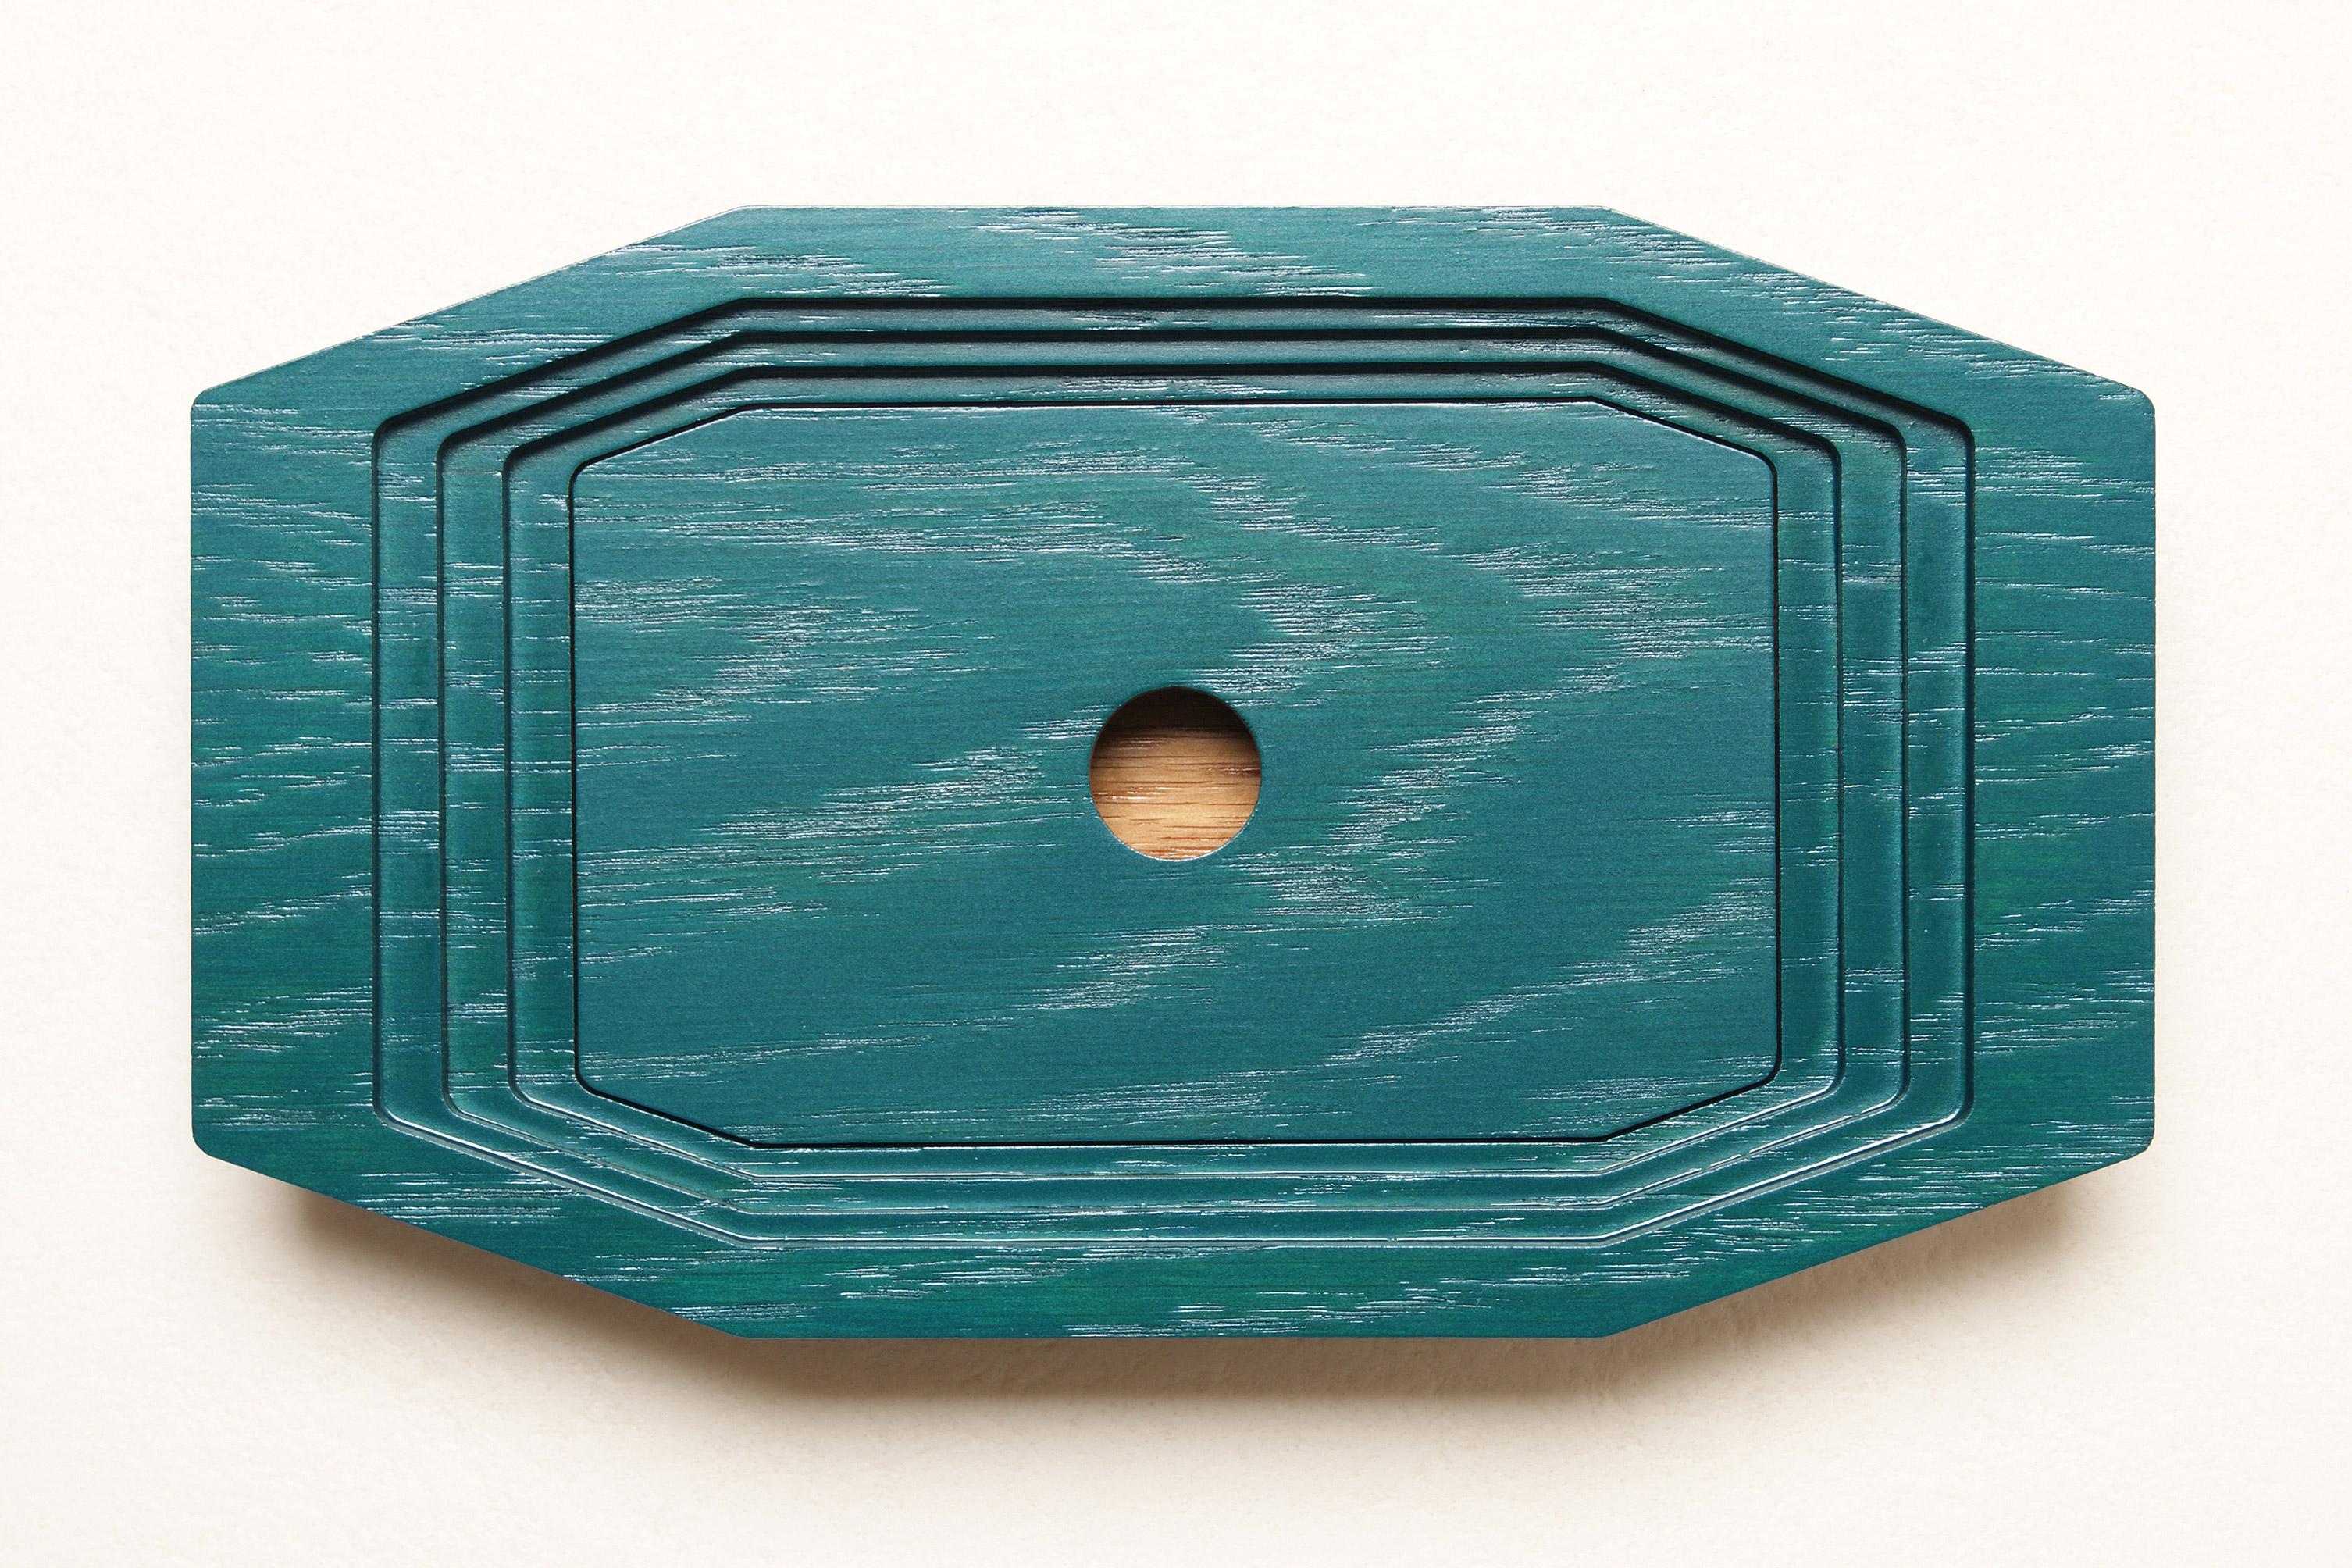 Boîte en Chêne bicolore, façonnée par strates successives avec son couvercle intermédiaire.